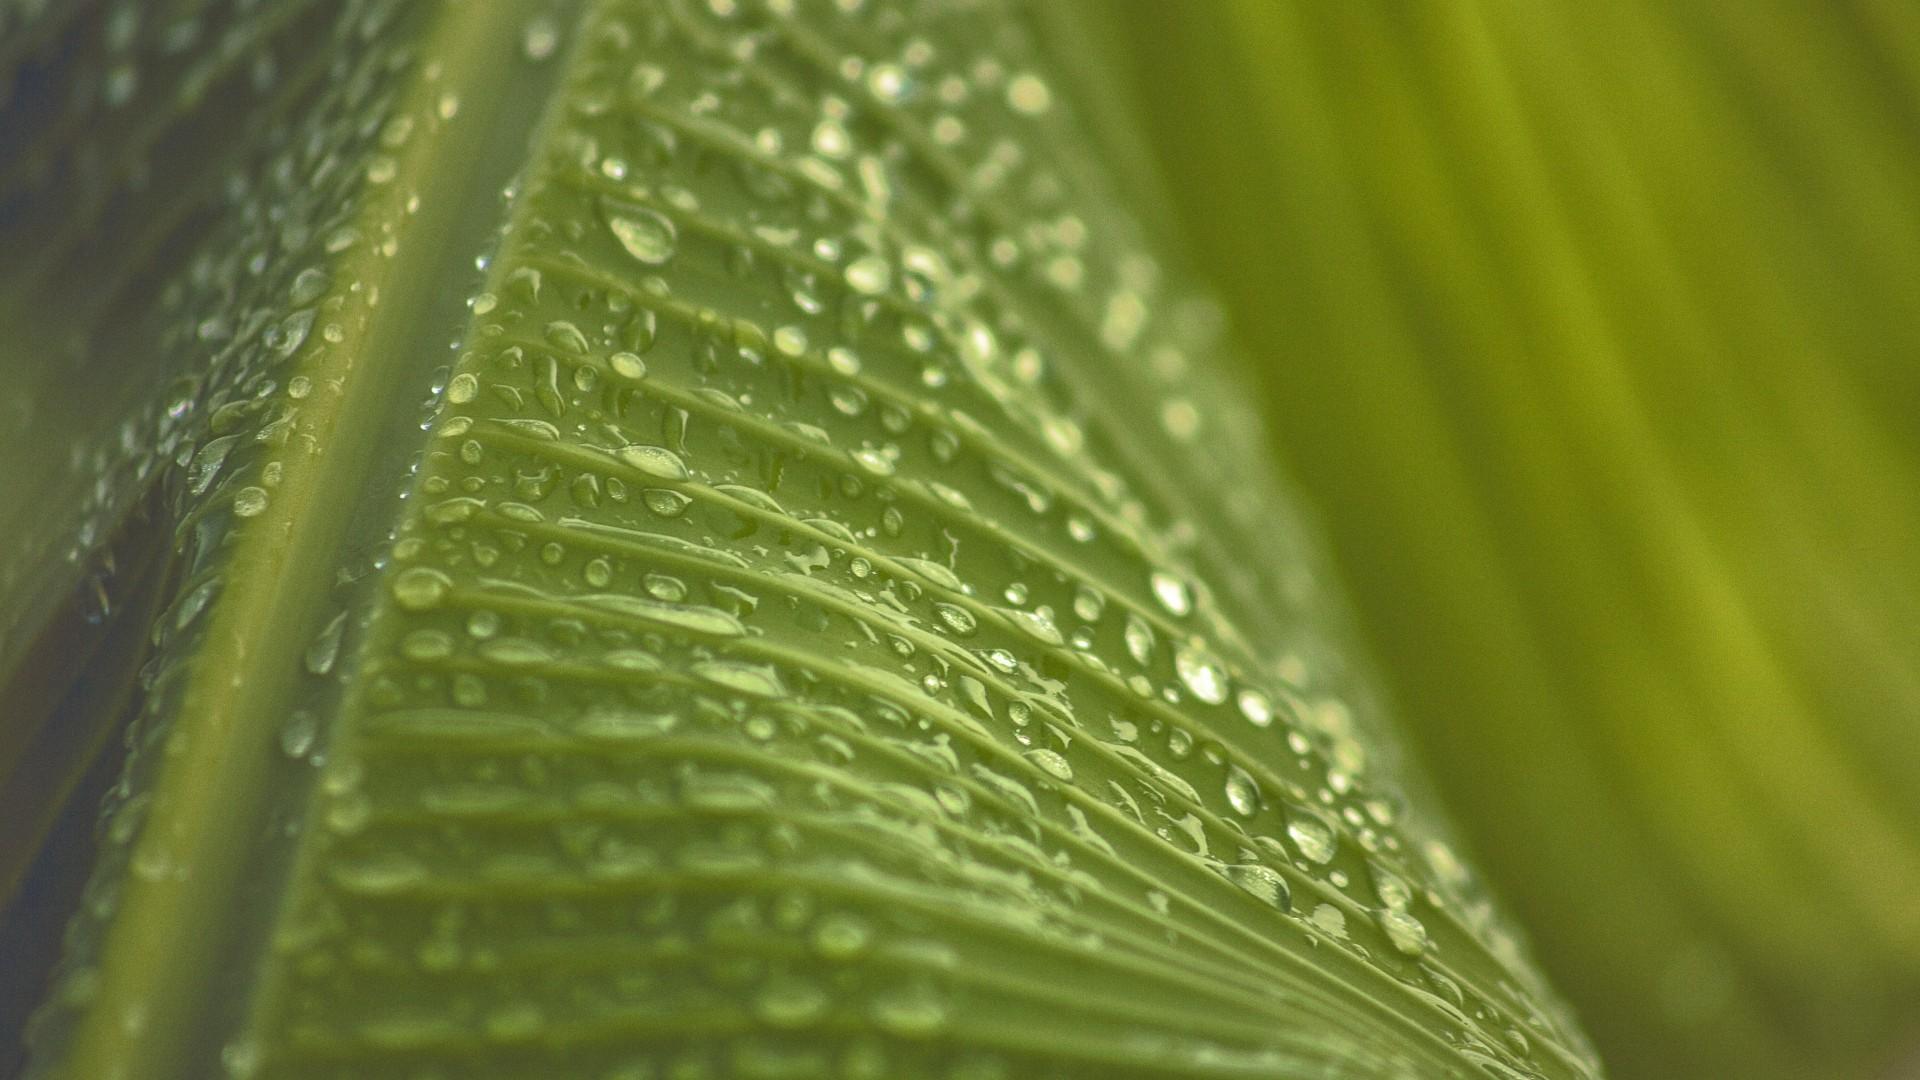 карта макро фото листьев чего сделать необычные